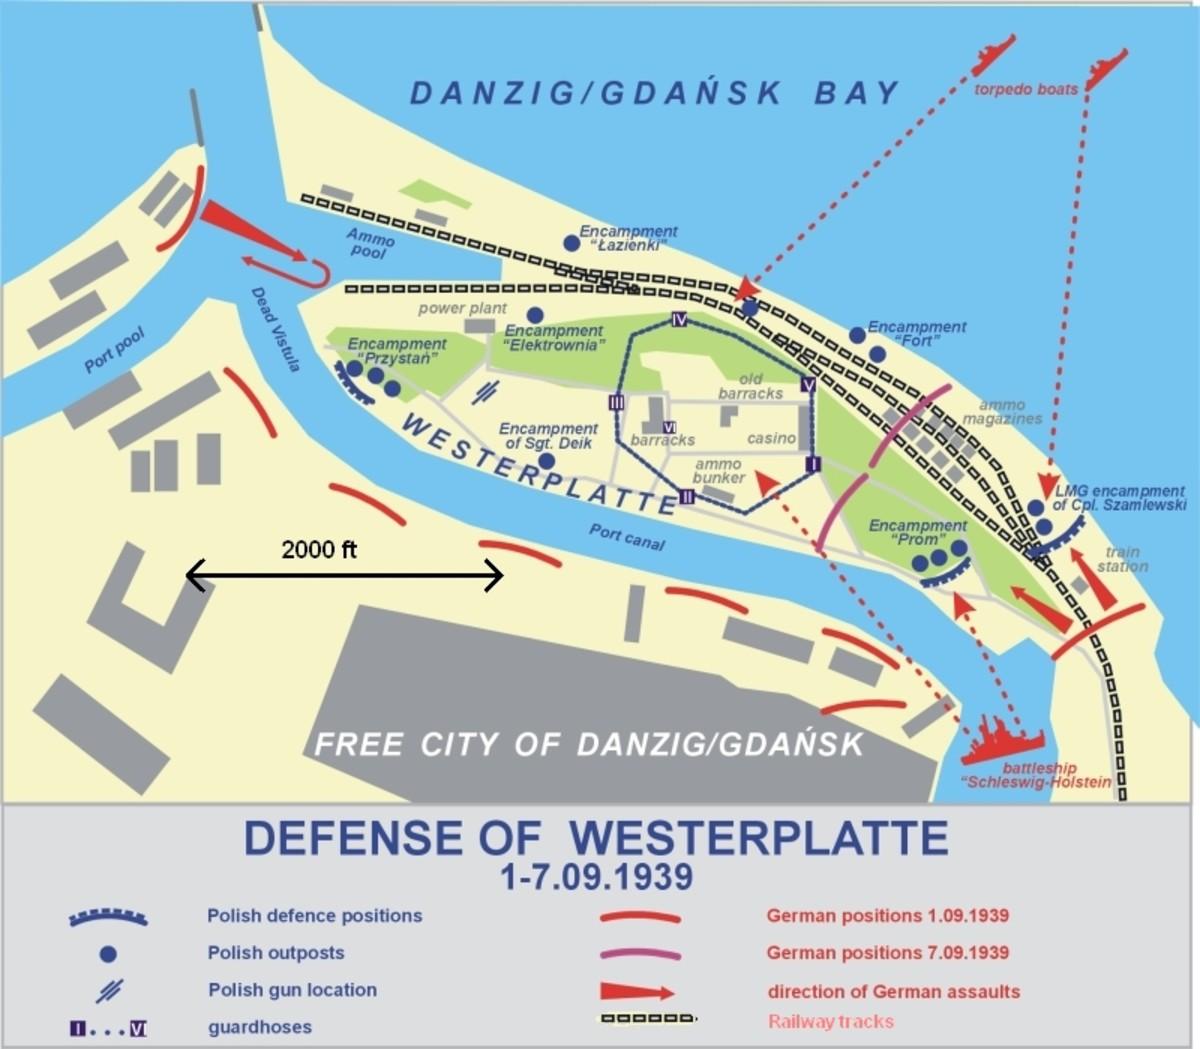 Battle of Westerplatte (September 1-7, 1939)